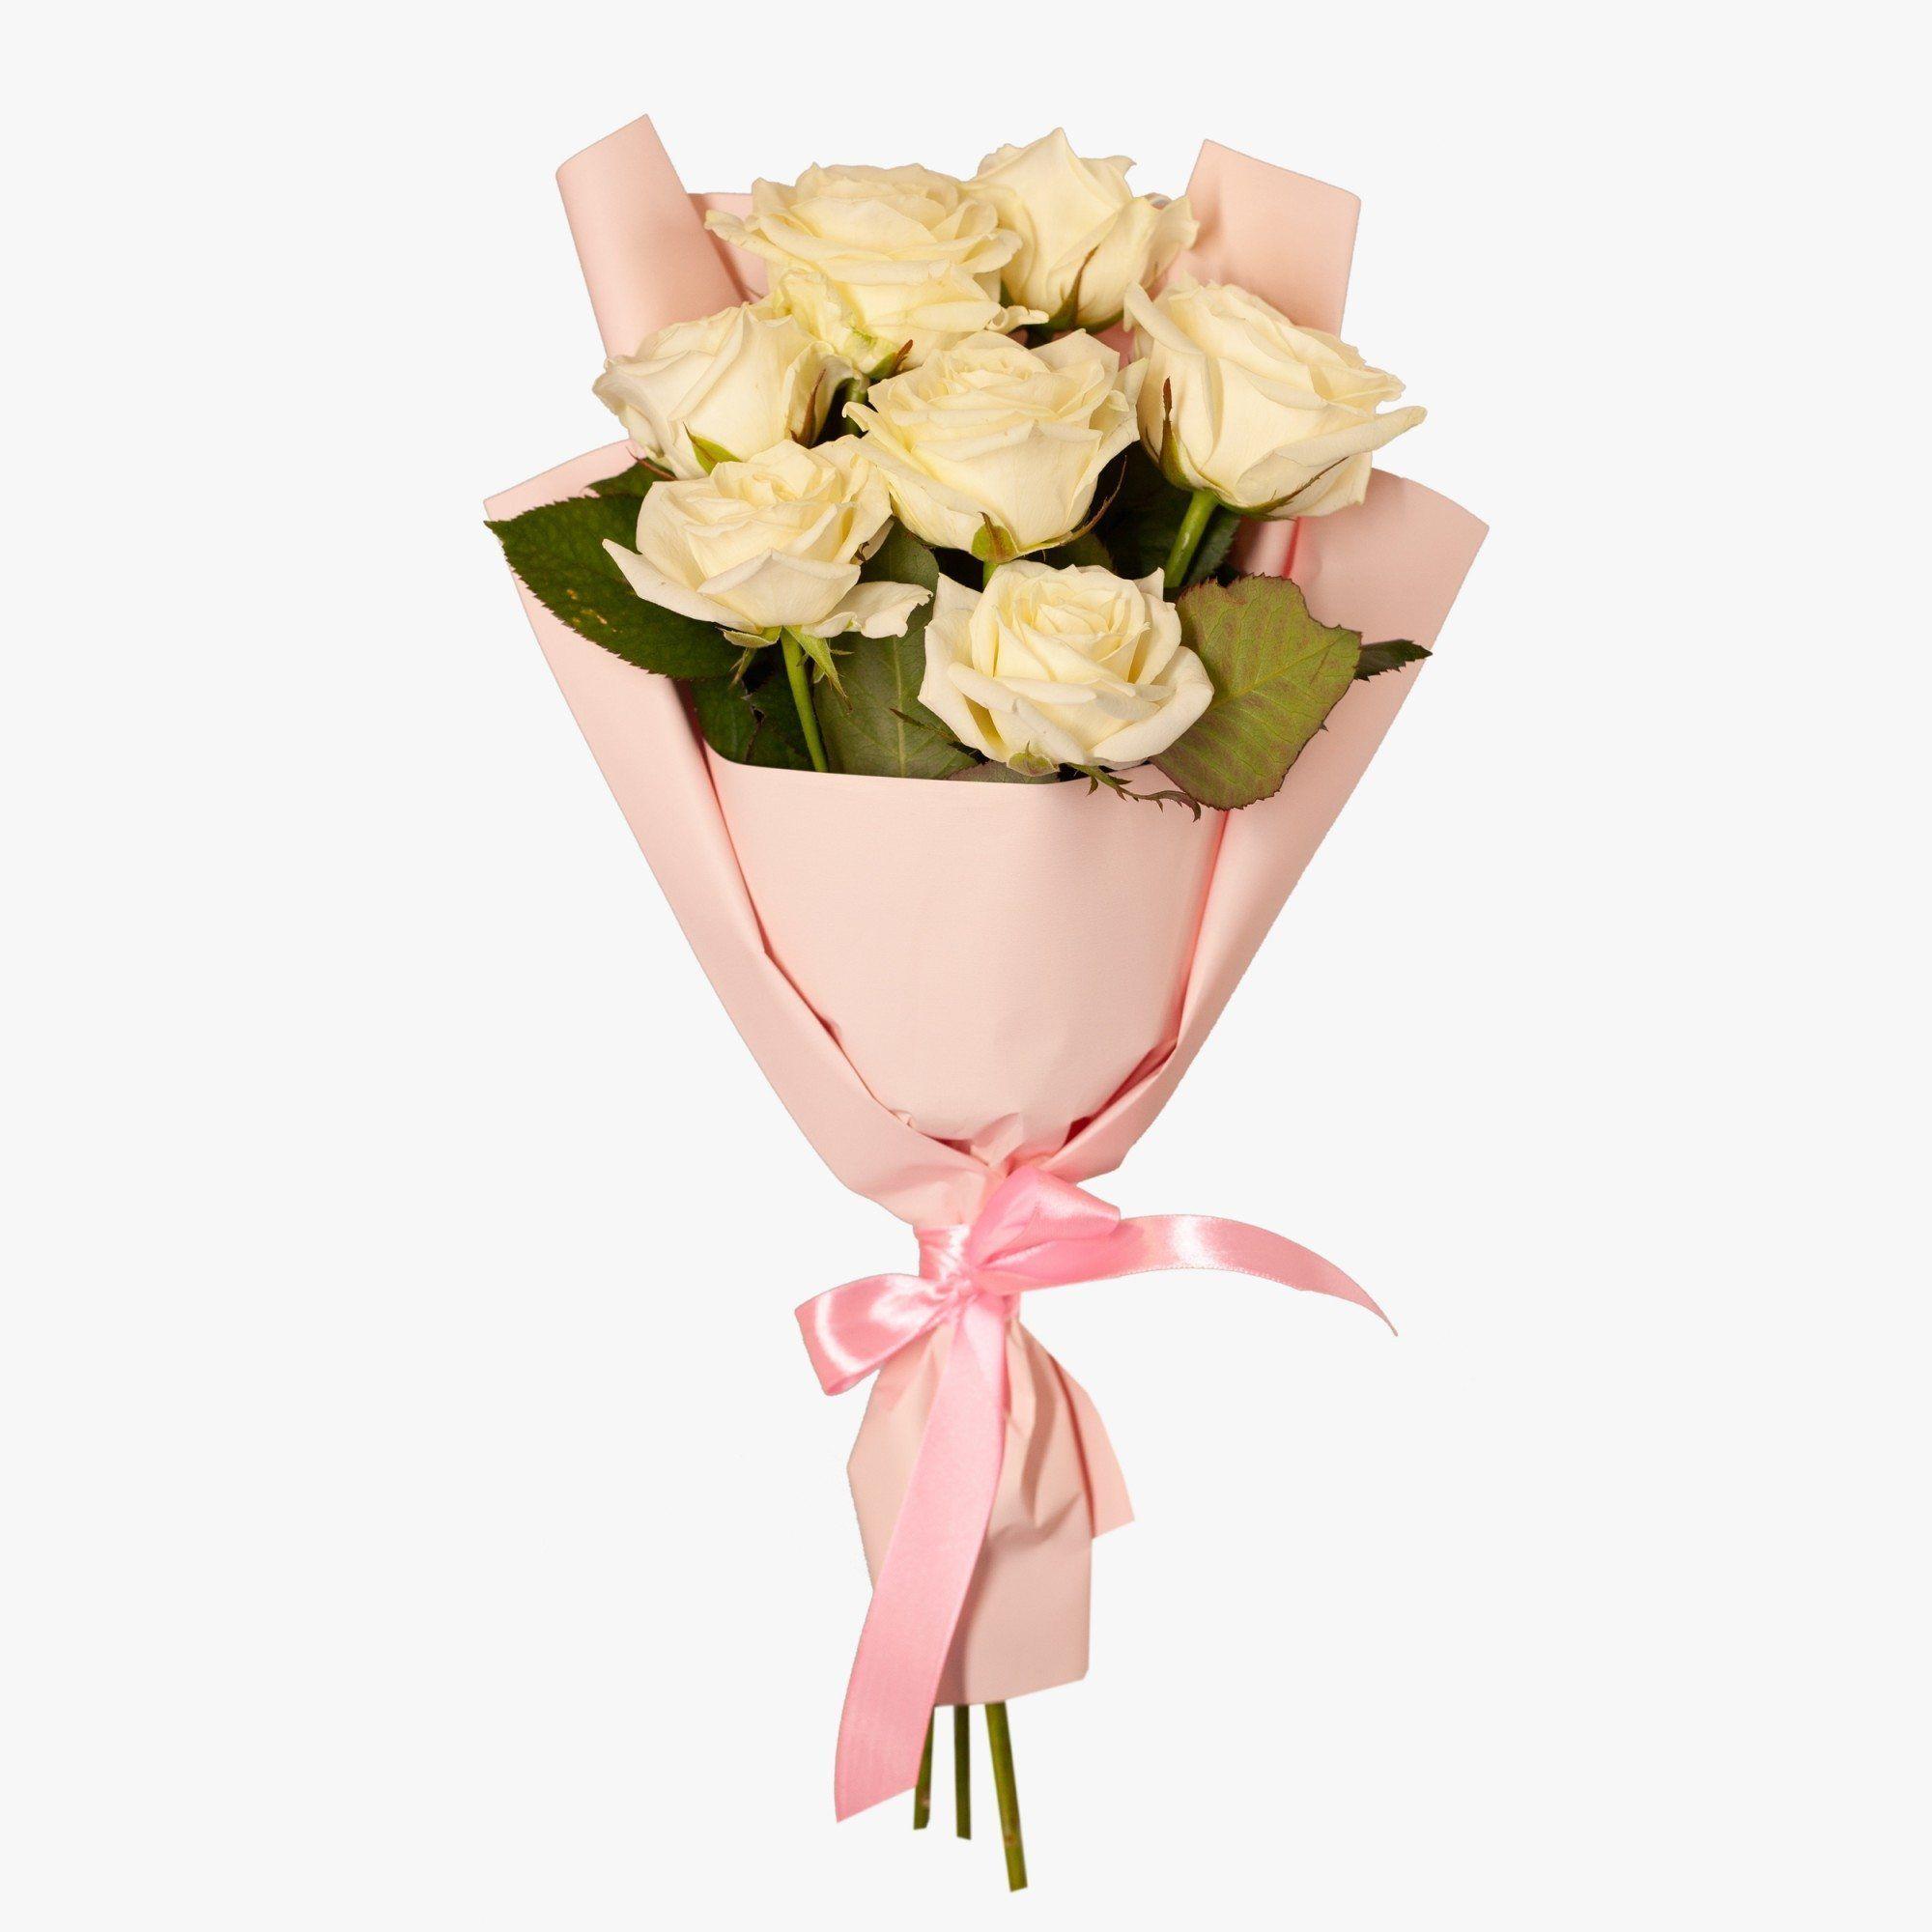 Белых роз, заказ цветов краснослободск